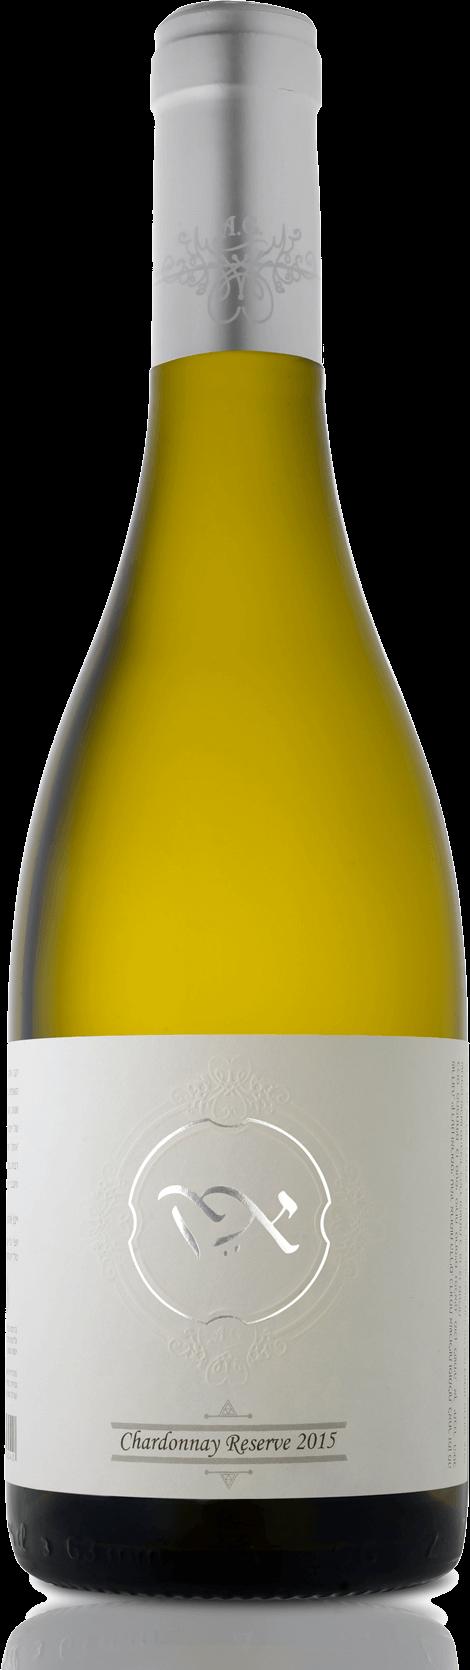 אפק שרדונה יין לבן זוכה פרסים